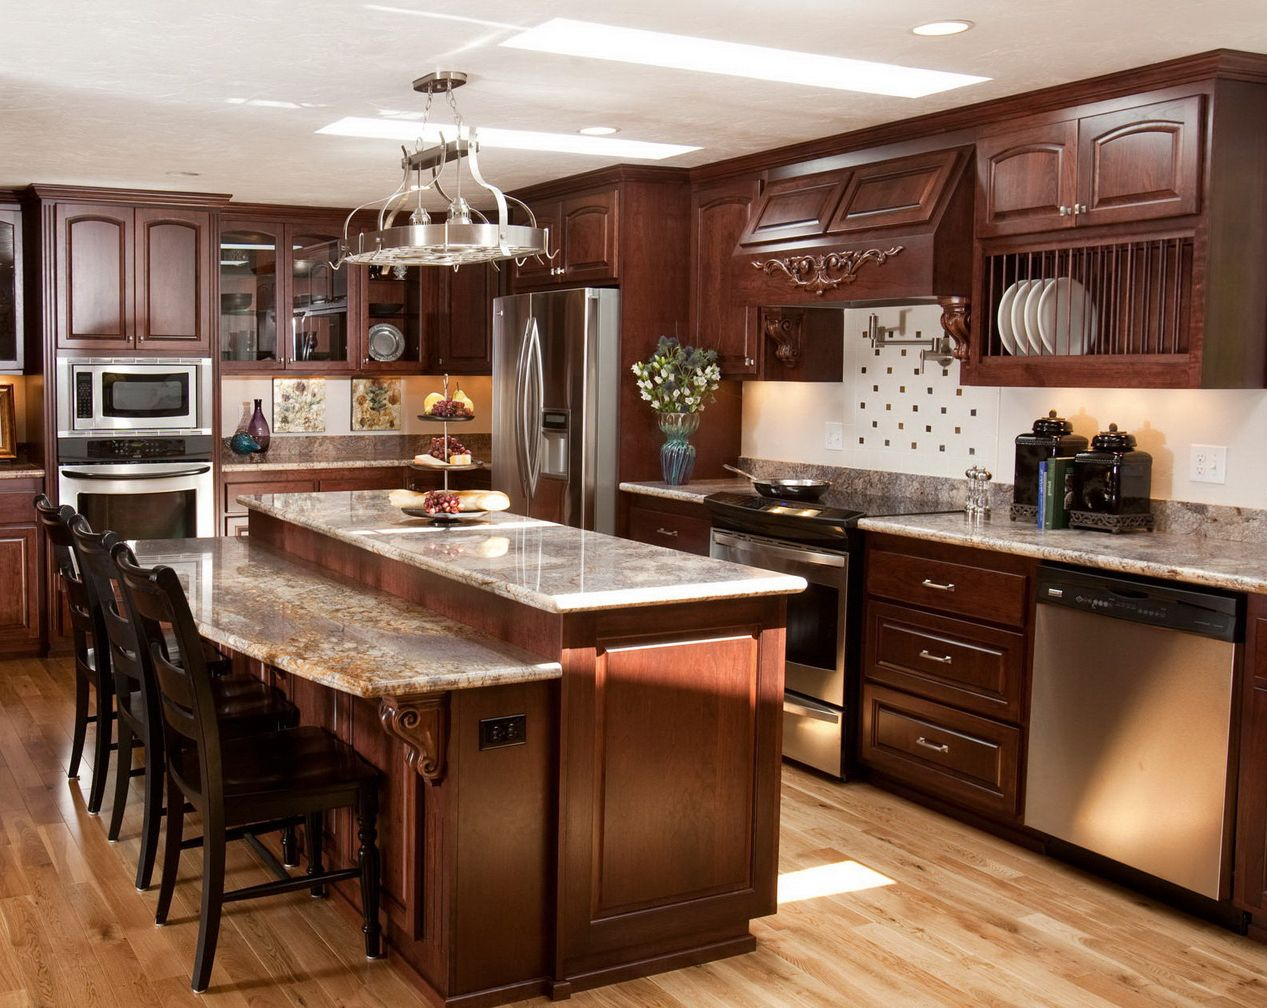 Wooden Italian Kitchen Decor Https Wp Me P8owwu 2dt